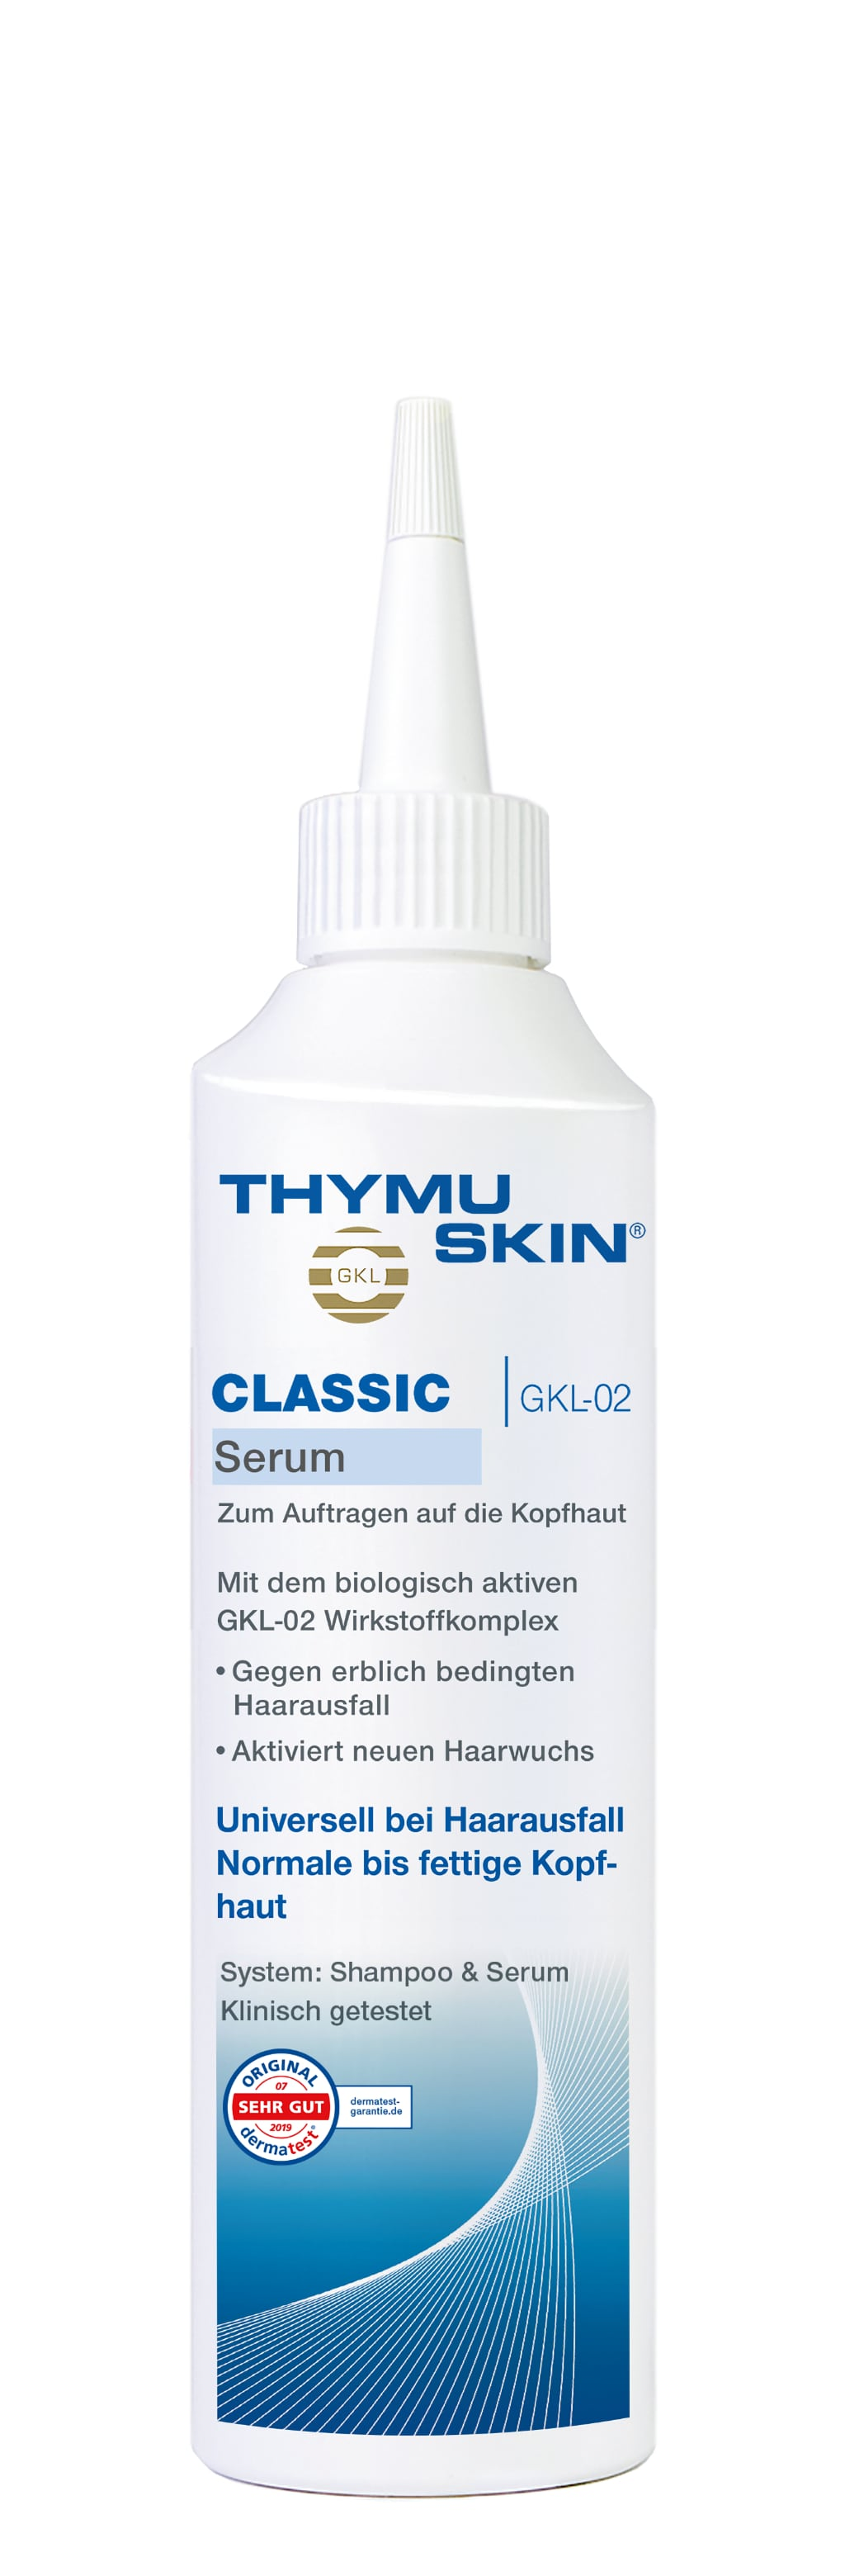 Thymuskin Classic Serum